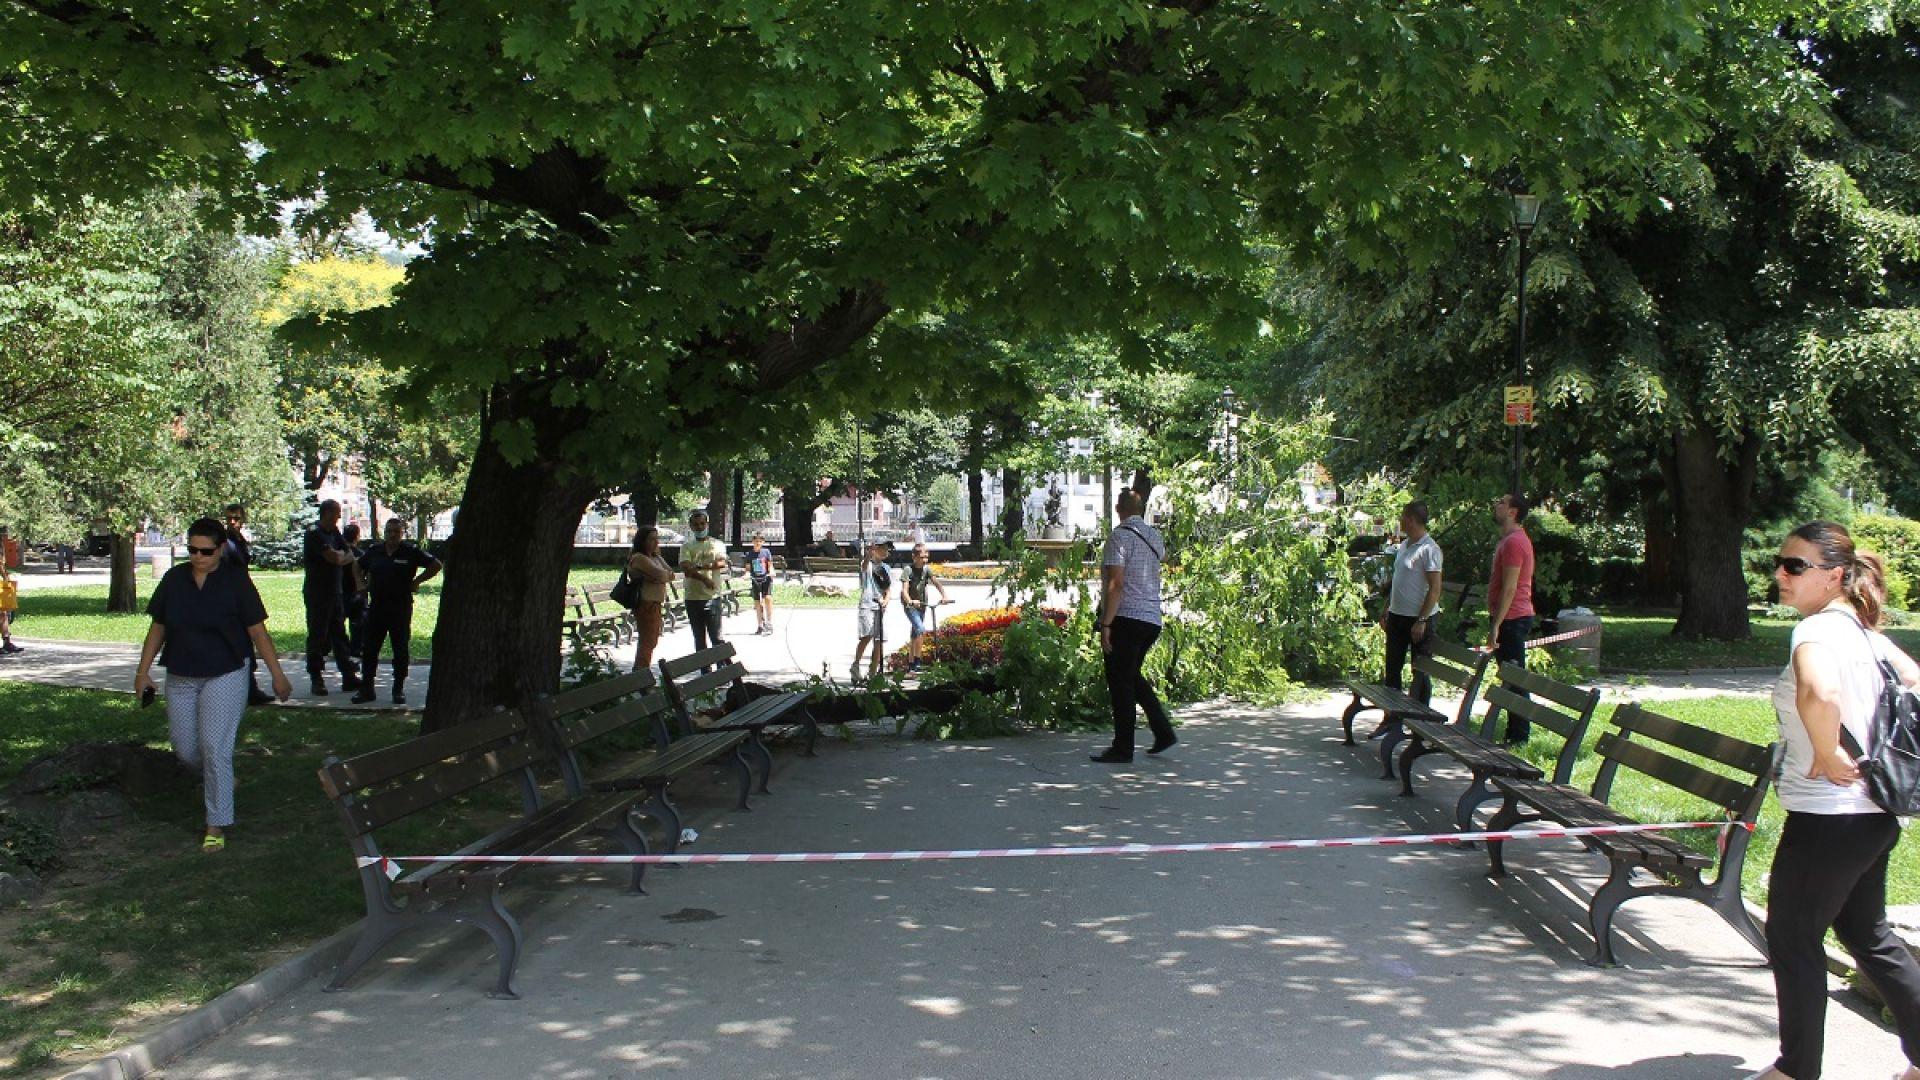 Фатална снимка под дърво: Рухна клон по време училищно тържество, учителка е ранена